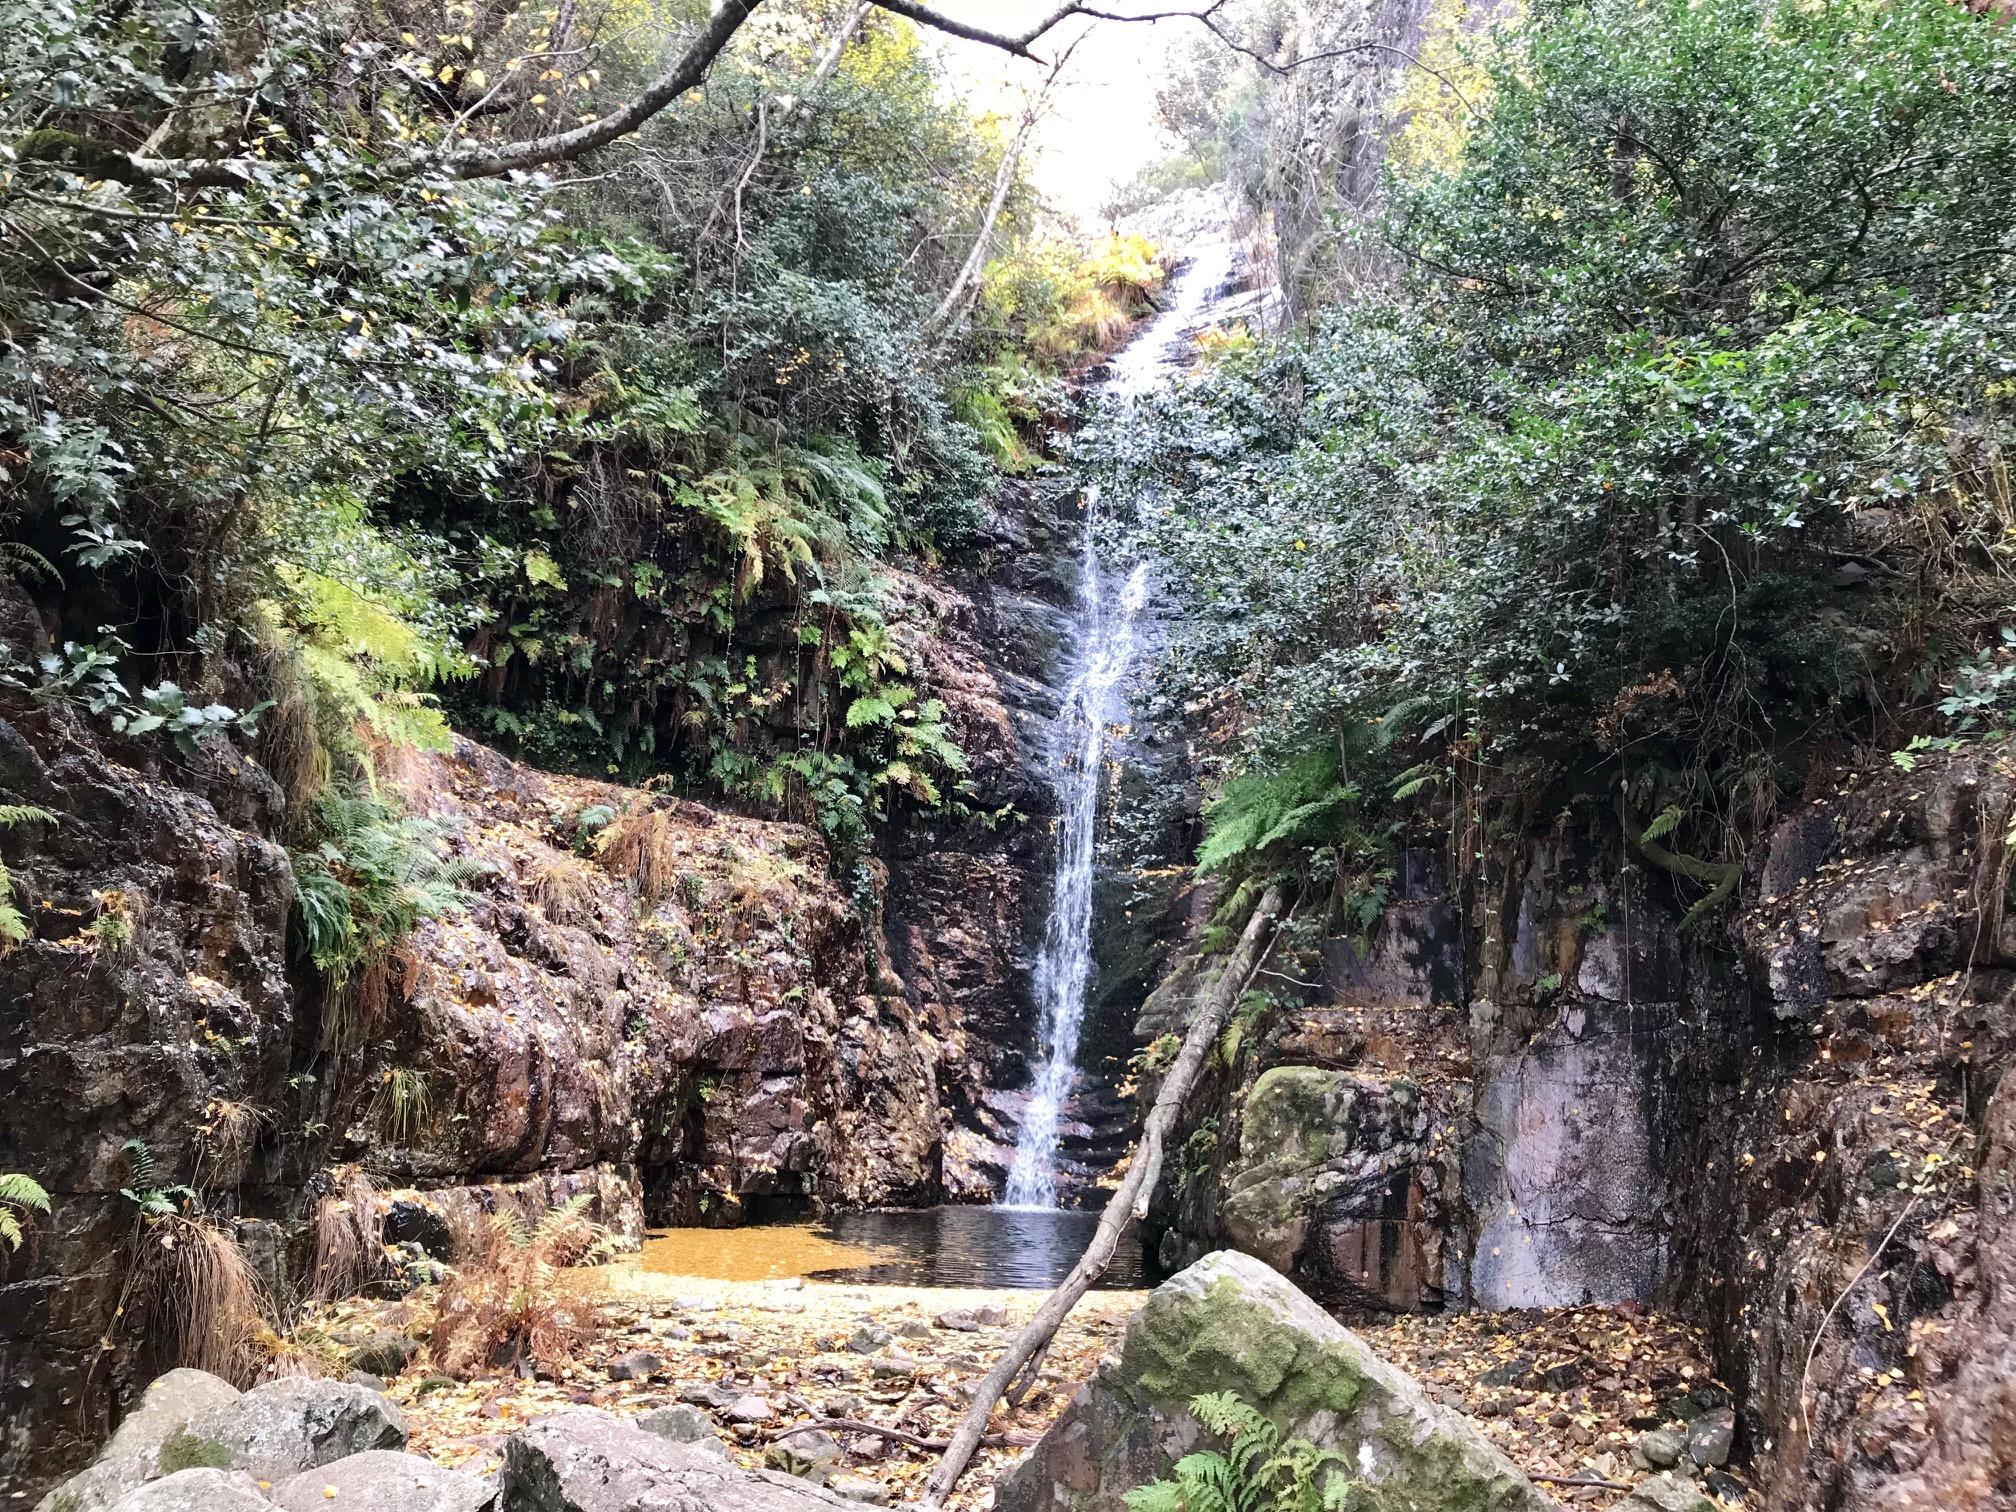 Ruta del chorro en el parque Nacional de Cabañeros